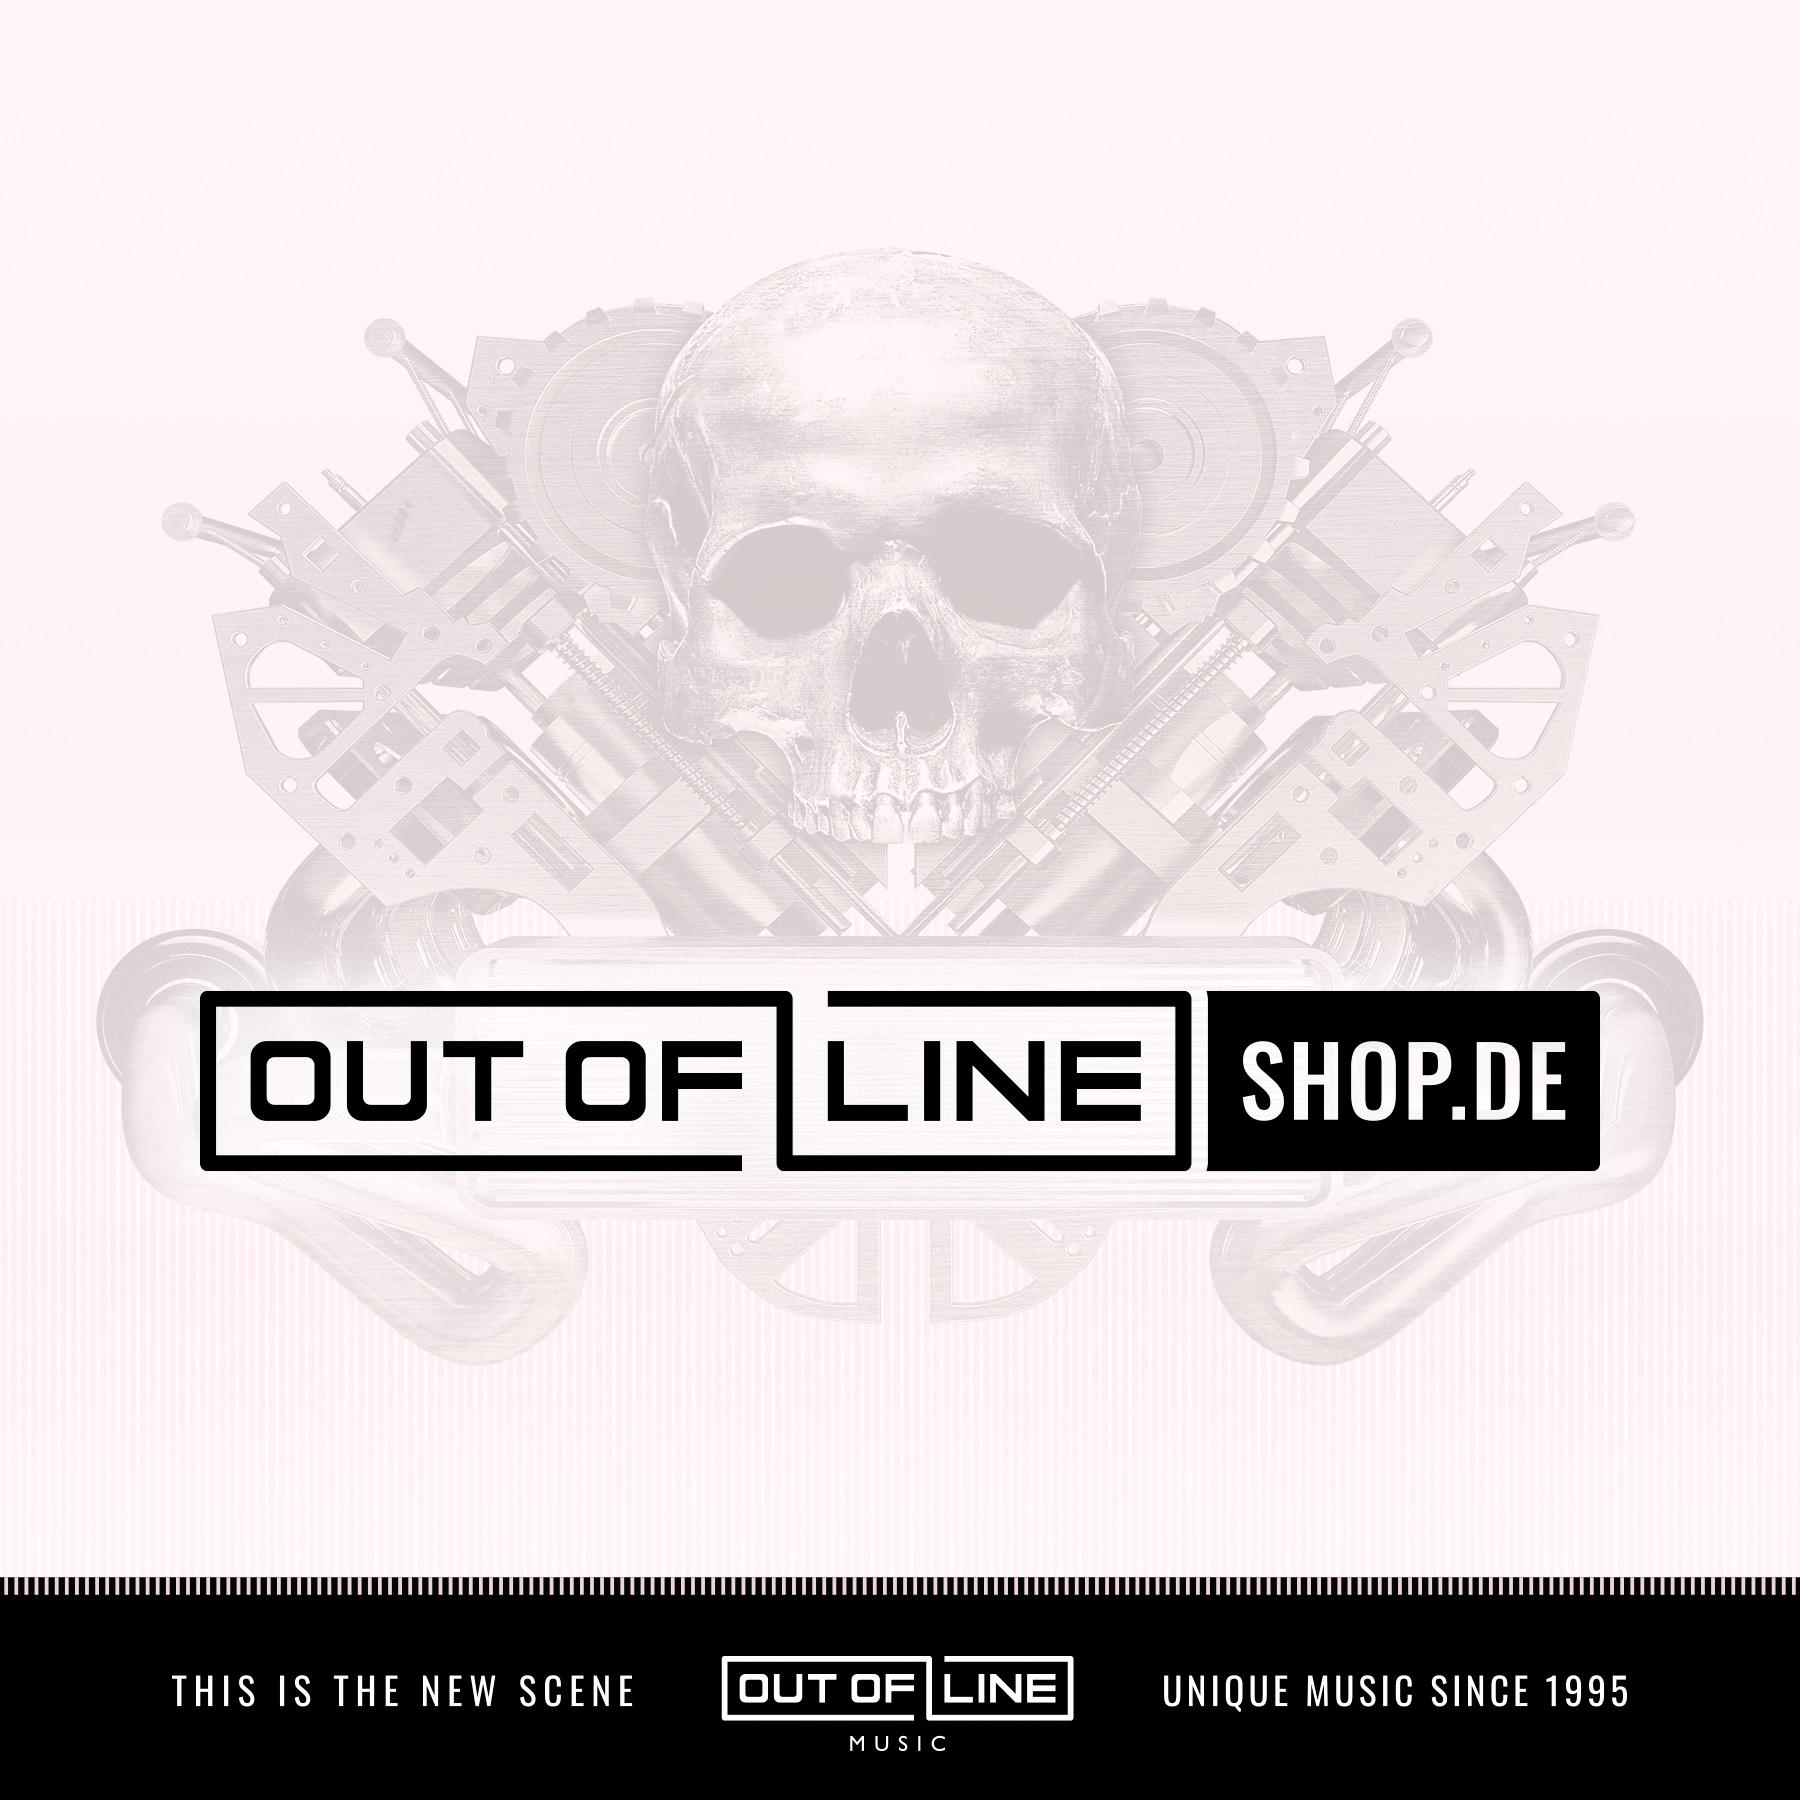 Eisbrecher - Ewiges Eis-15 Jahre Eisbrecher (Hardcoverbuch) - 2CD